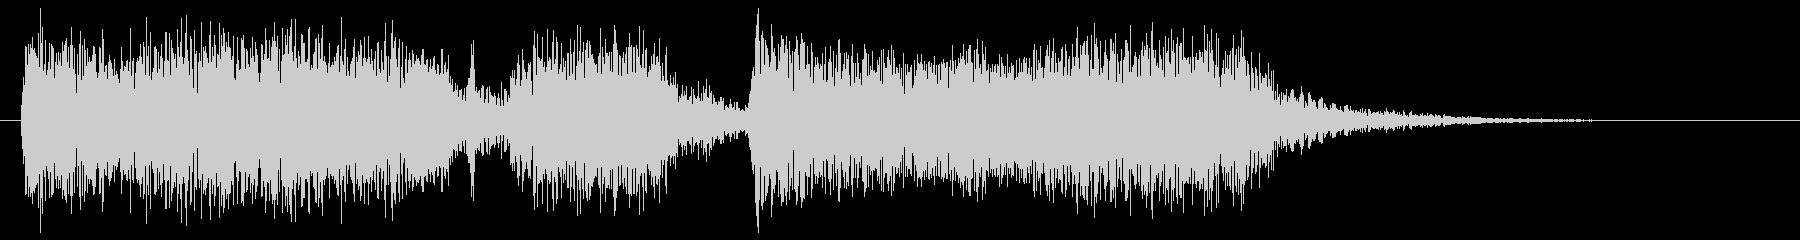 メタルギターフレーズ クラシカルなシメの未再生の波形